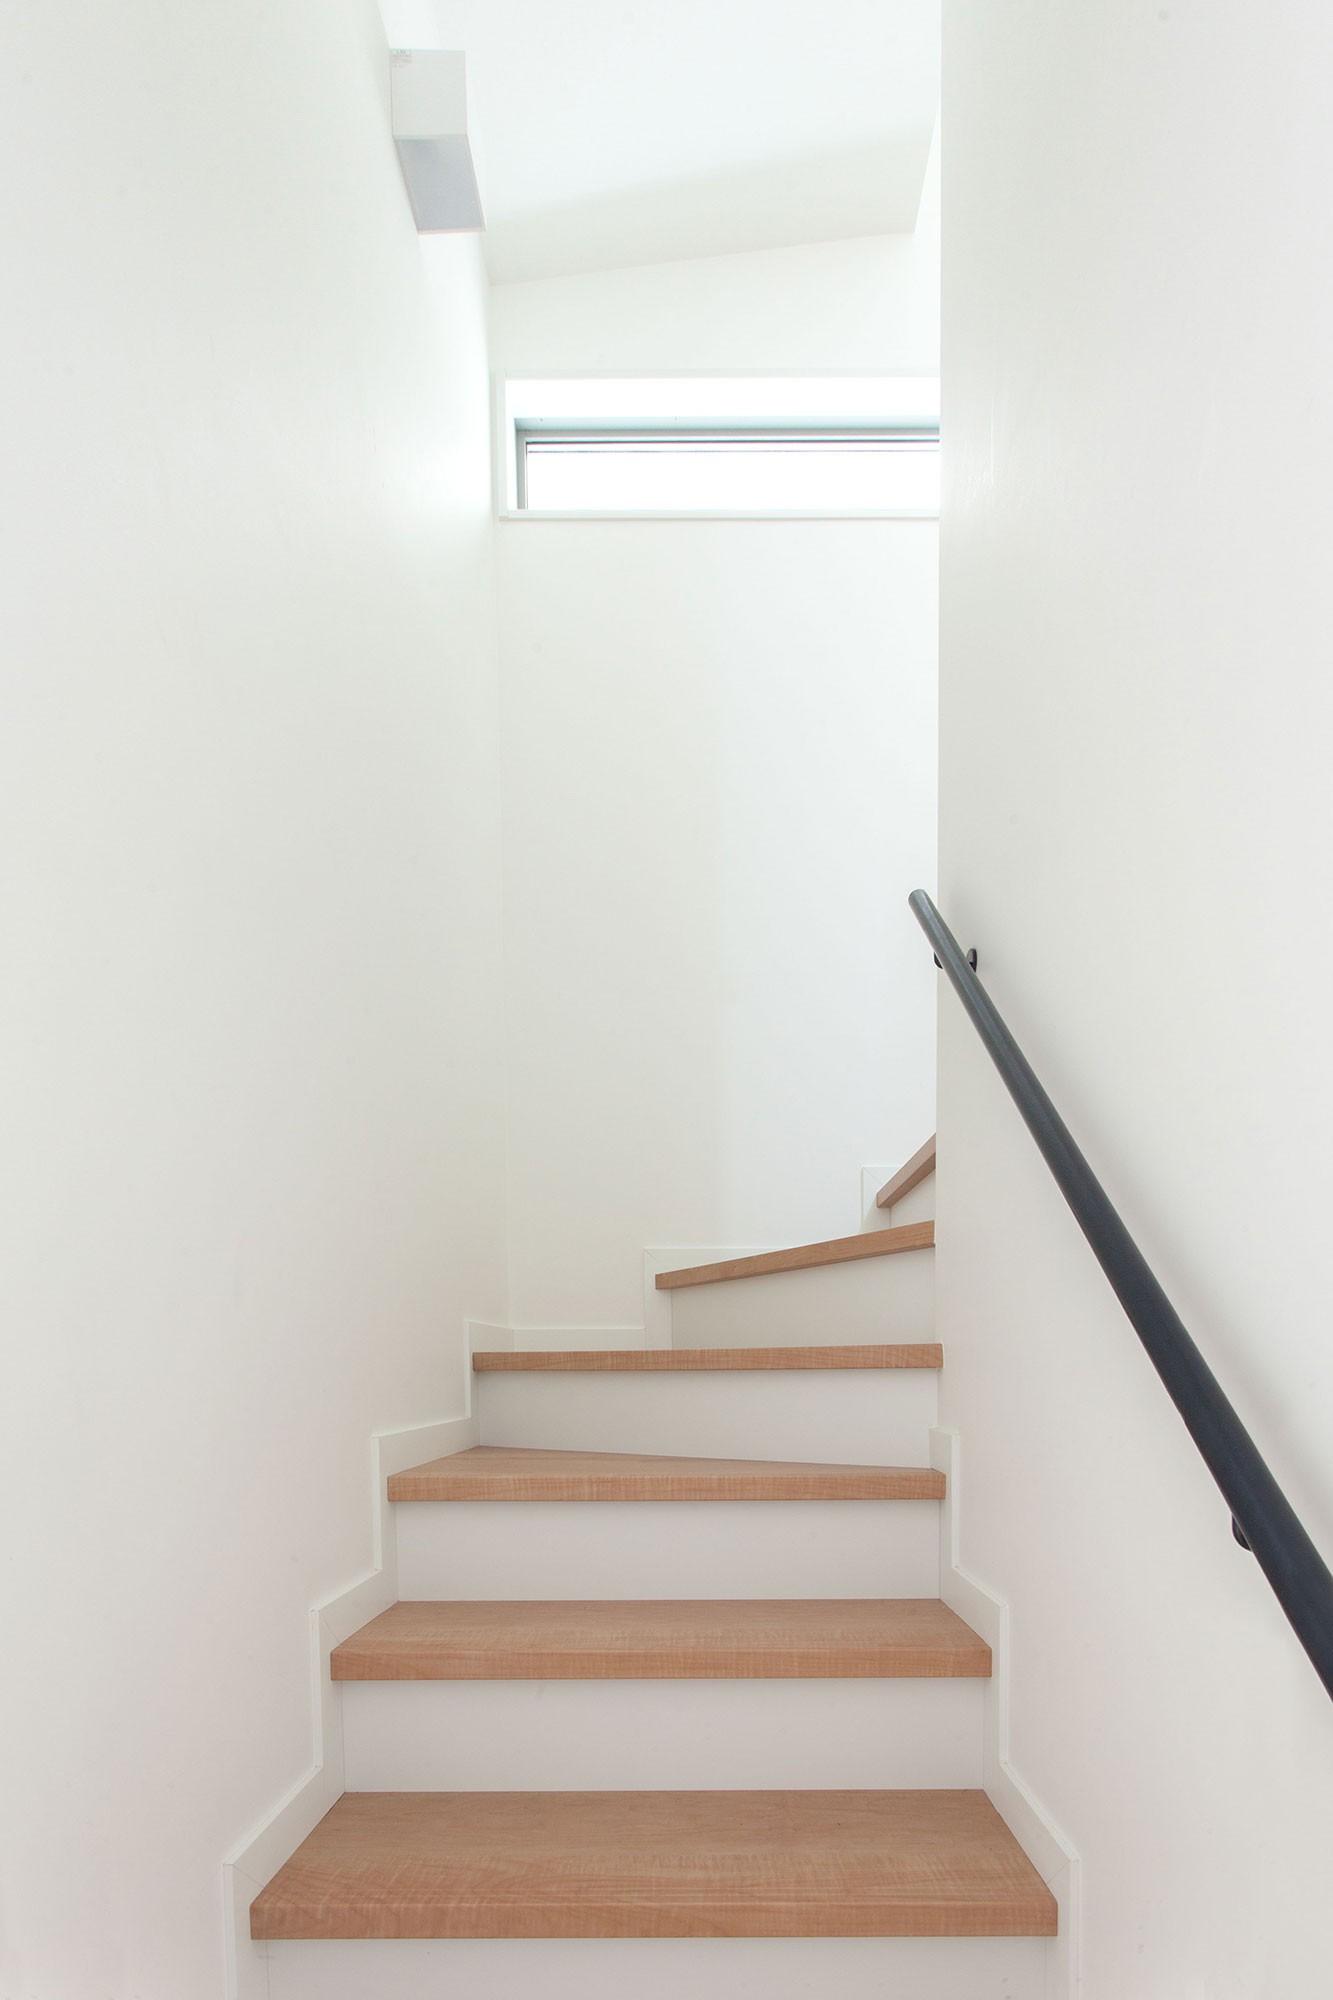 その他事例:階段室(高島平の家-敷地形状を活かした伸びやかな住空間)